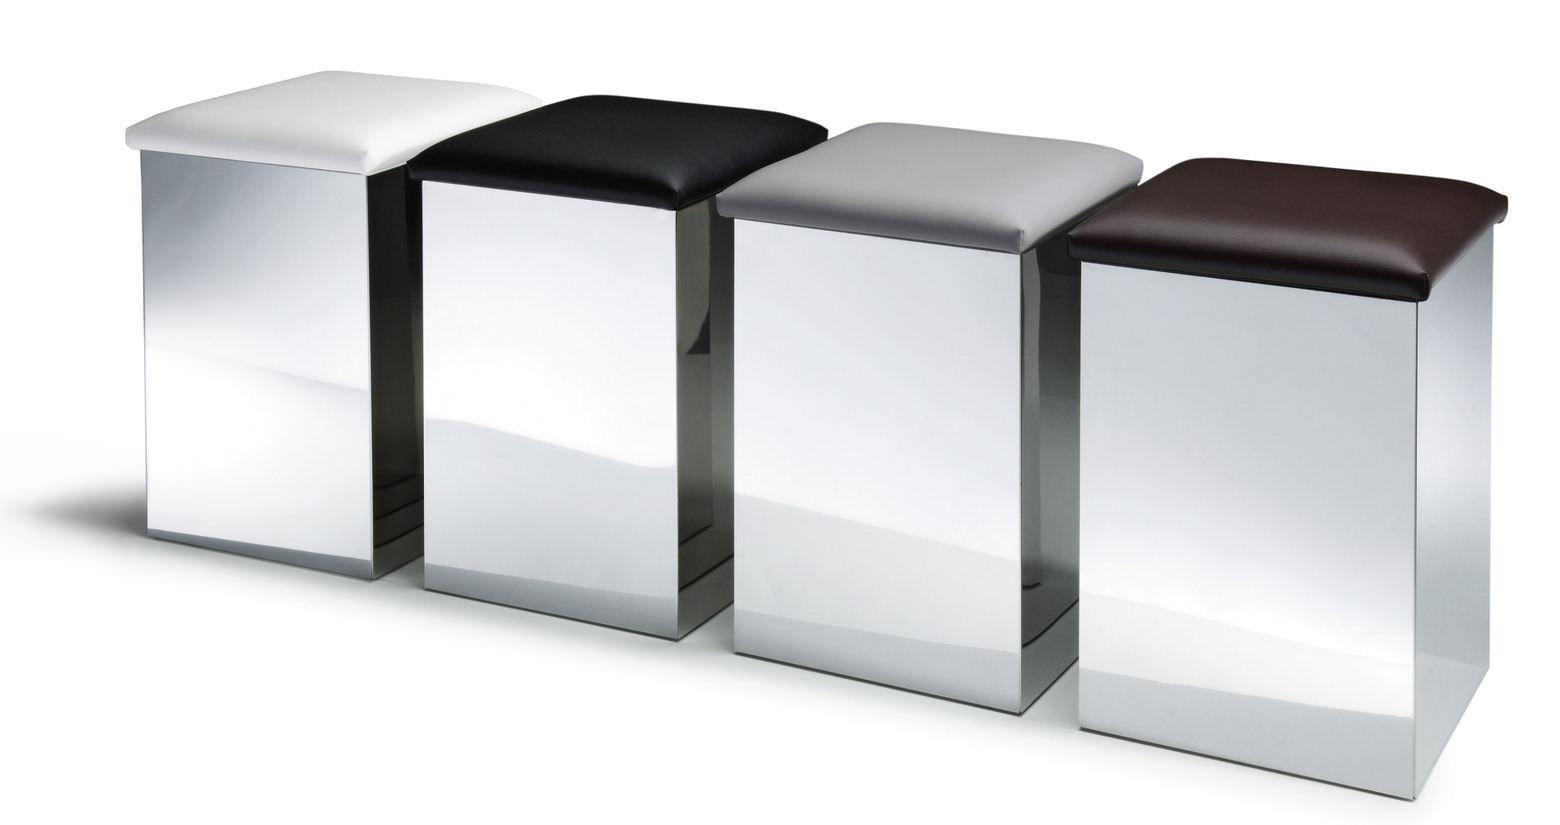 Sgabello moderno in acciaio inossidabile in ecopelle con